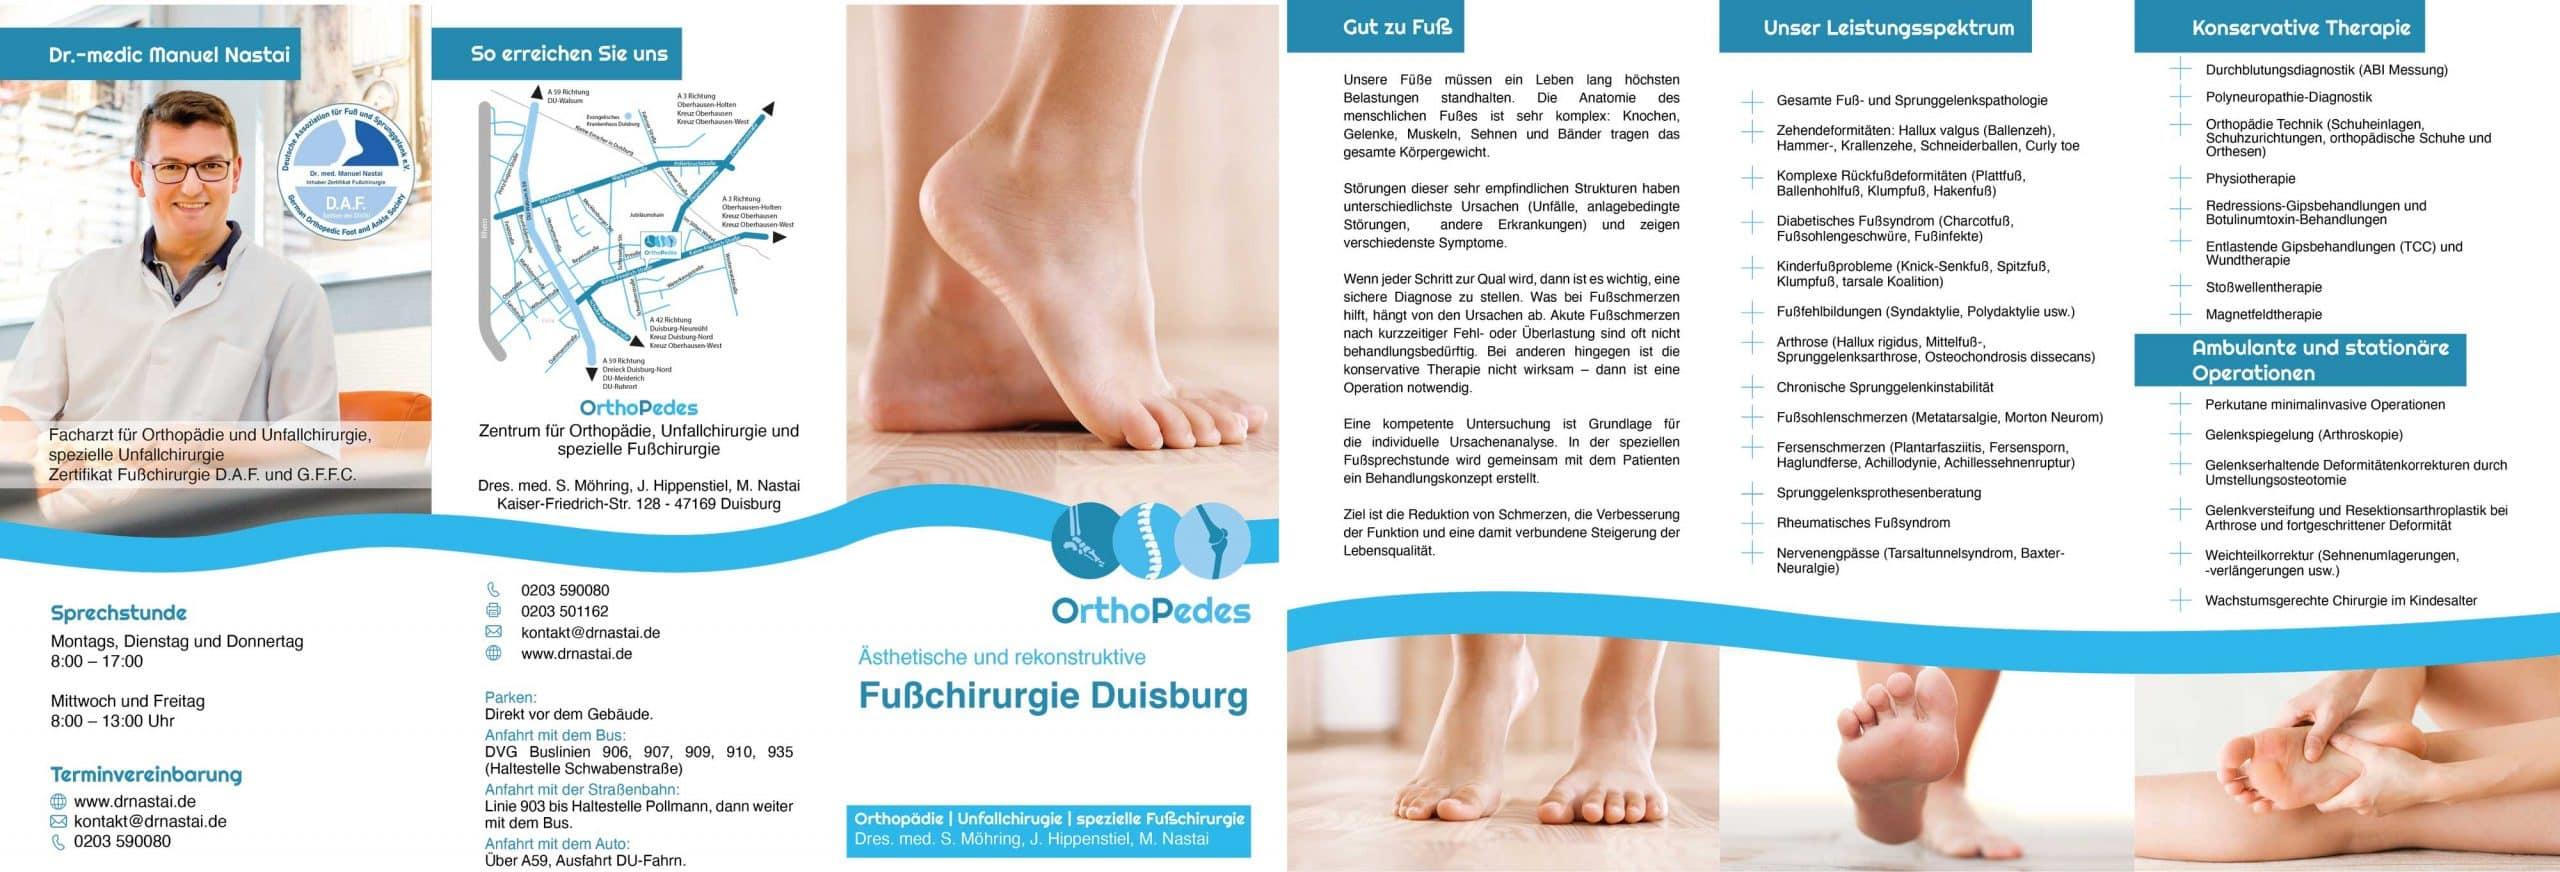 Flyer Fußchirurgie OrthoPedes Duisburg